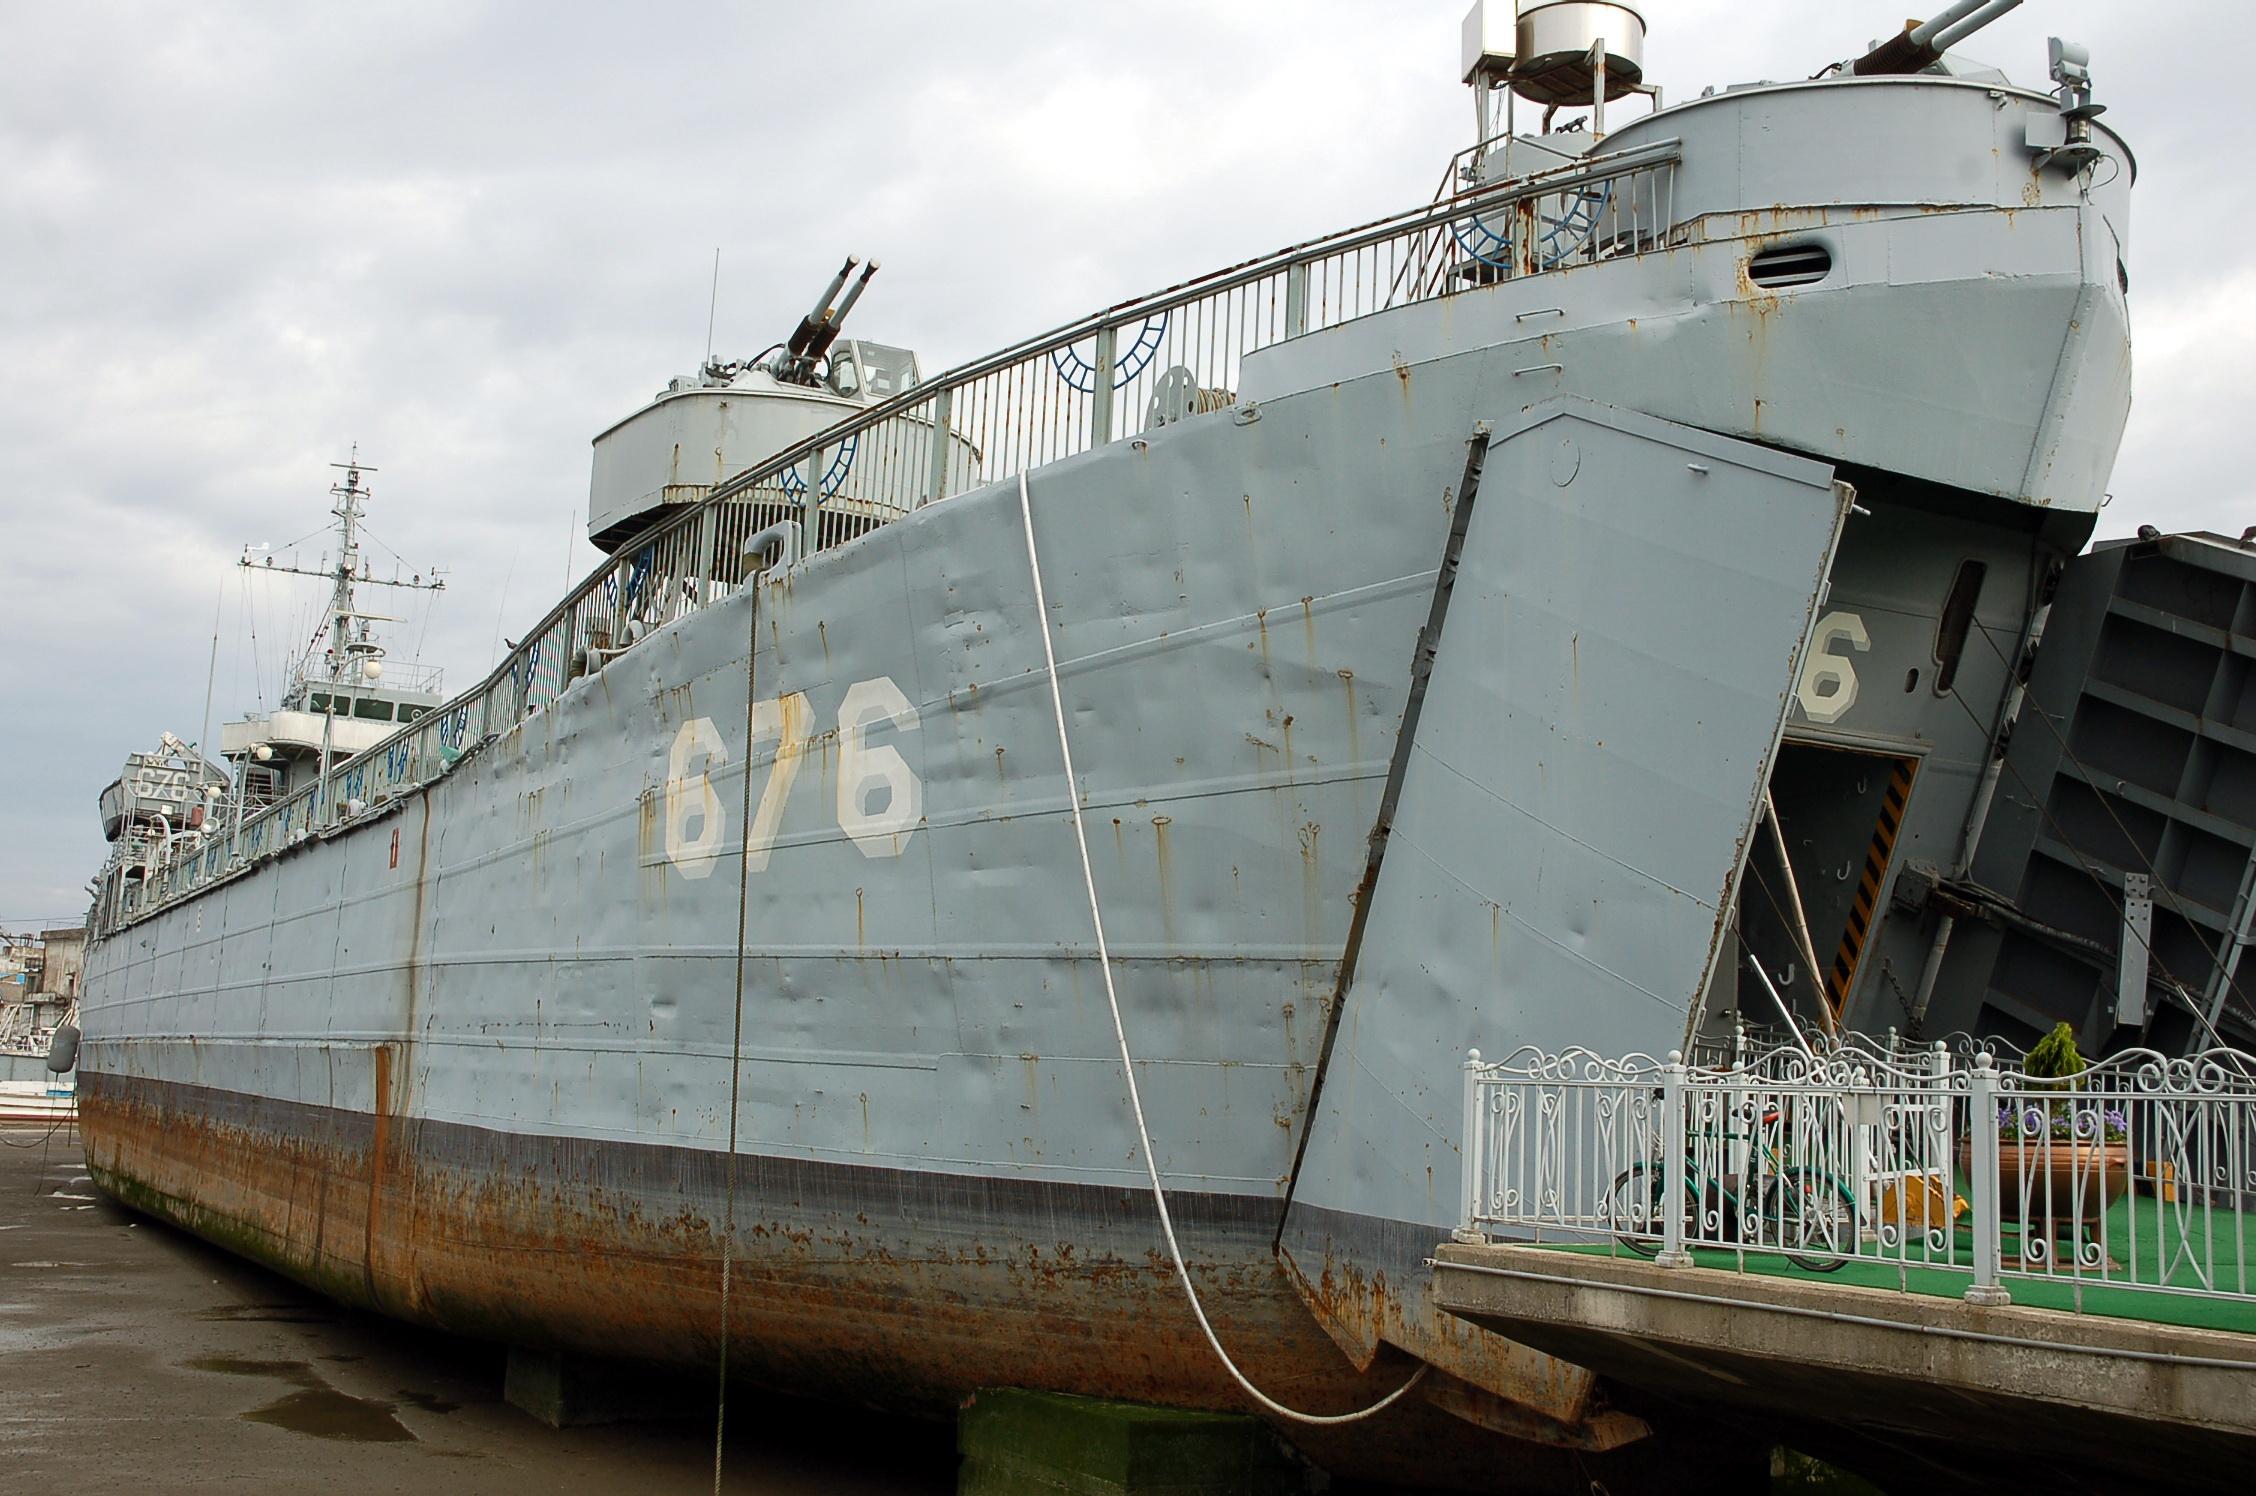 군산진포해양공원, 미 해군에서 건조되어 2차세계대전 및 월남전에 참전했다 대한민국에 인수된 해군상륙함인 LST676호 위봉함입니다. 내부 관람이 가능합니다.